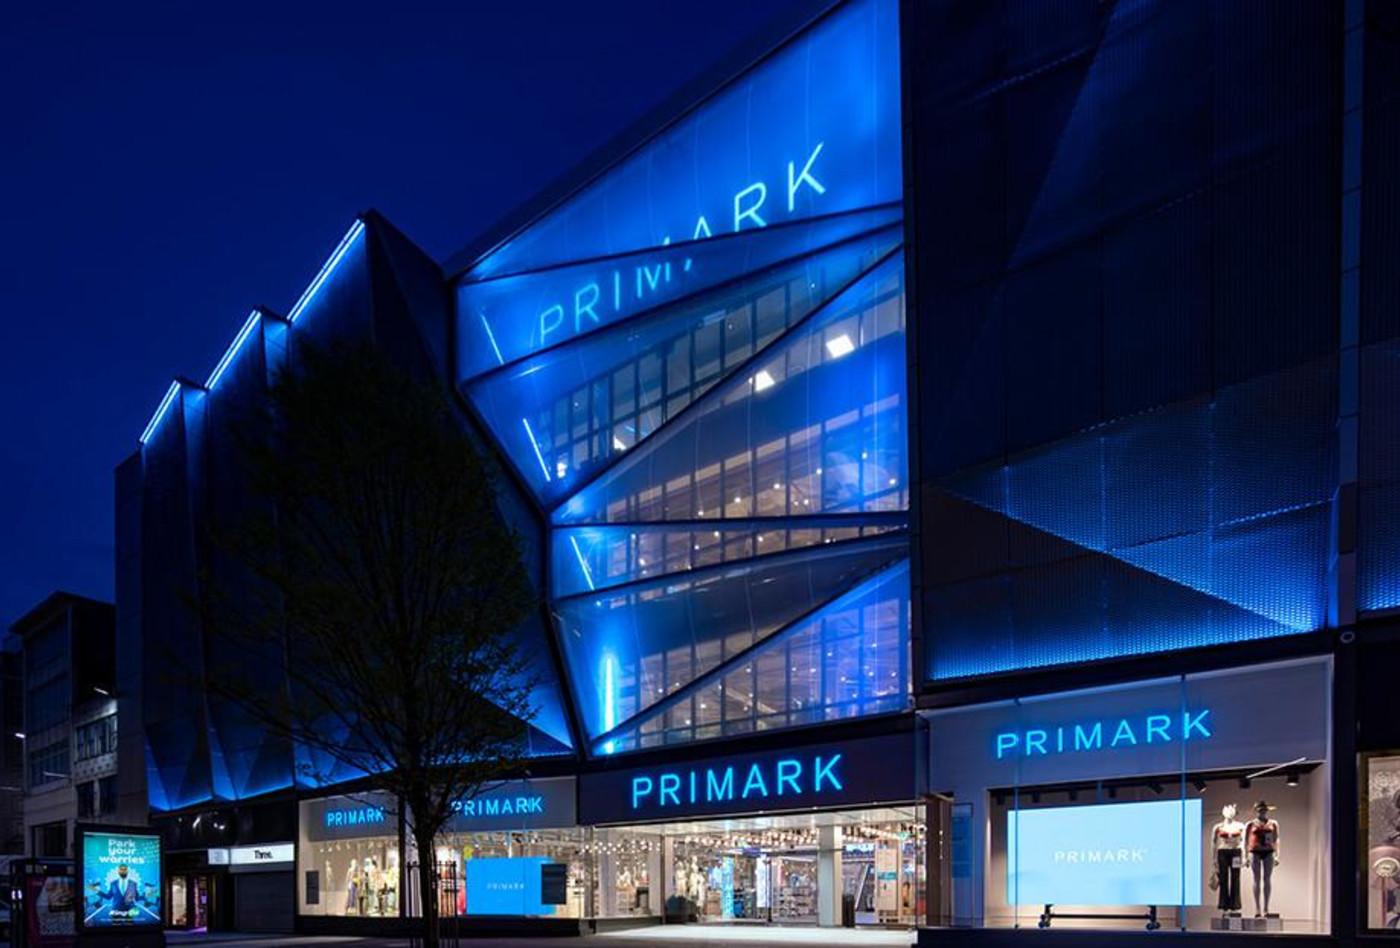 primark-24-hours